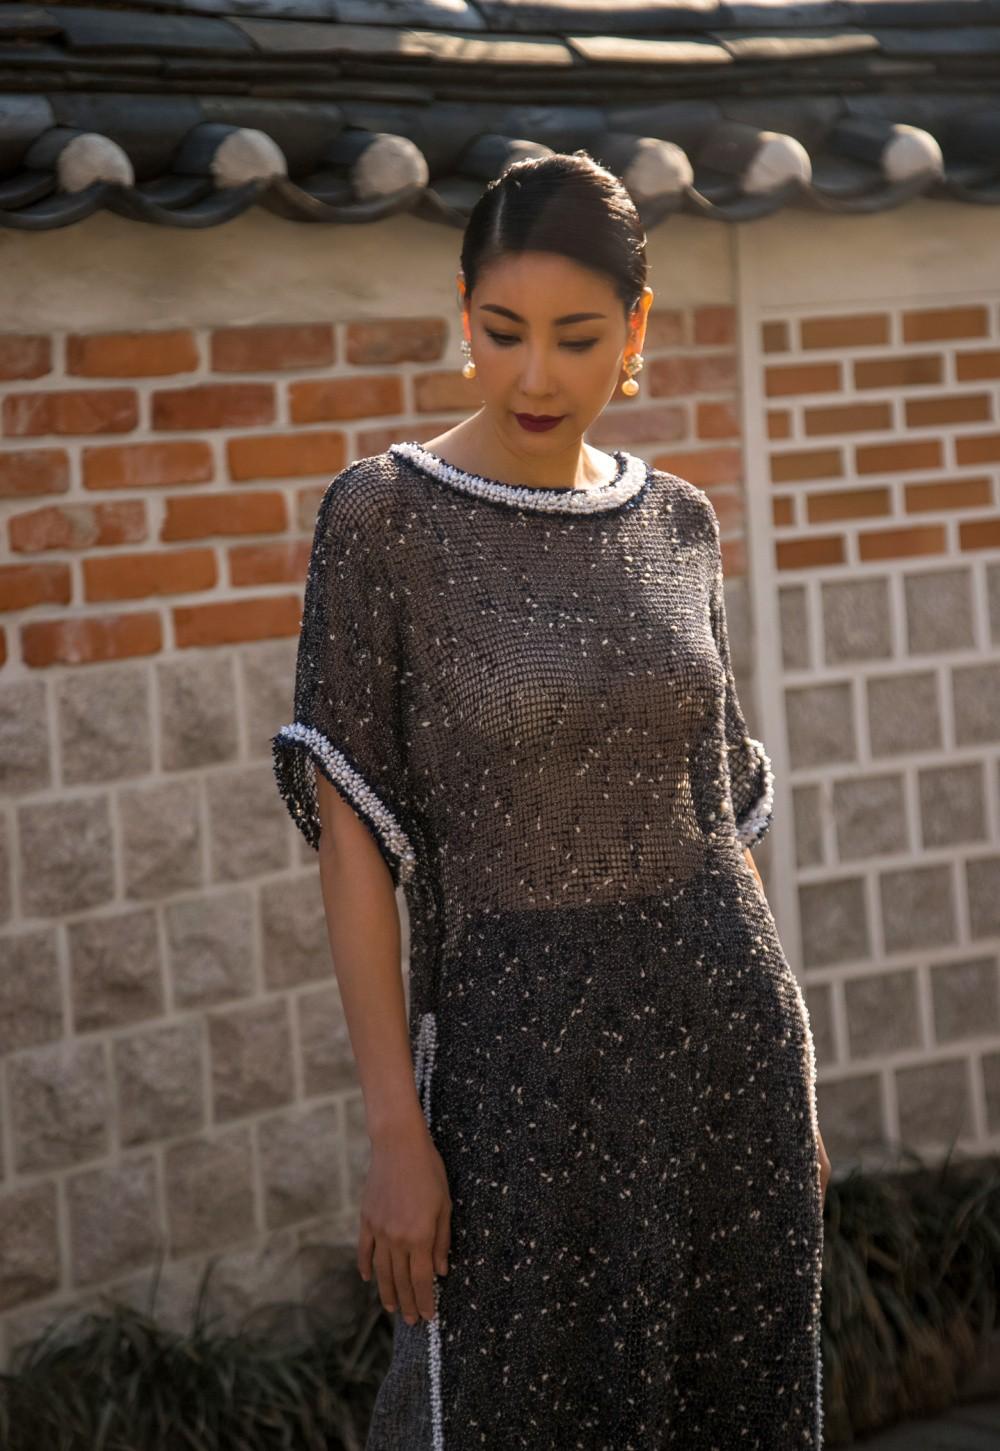 Hoa hậu Hà Kiều Anh diện áo dài khoe dáng giữa phố cổ Hàn Quốc - Ảnh 3.